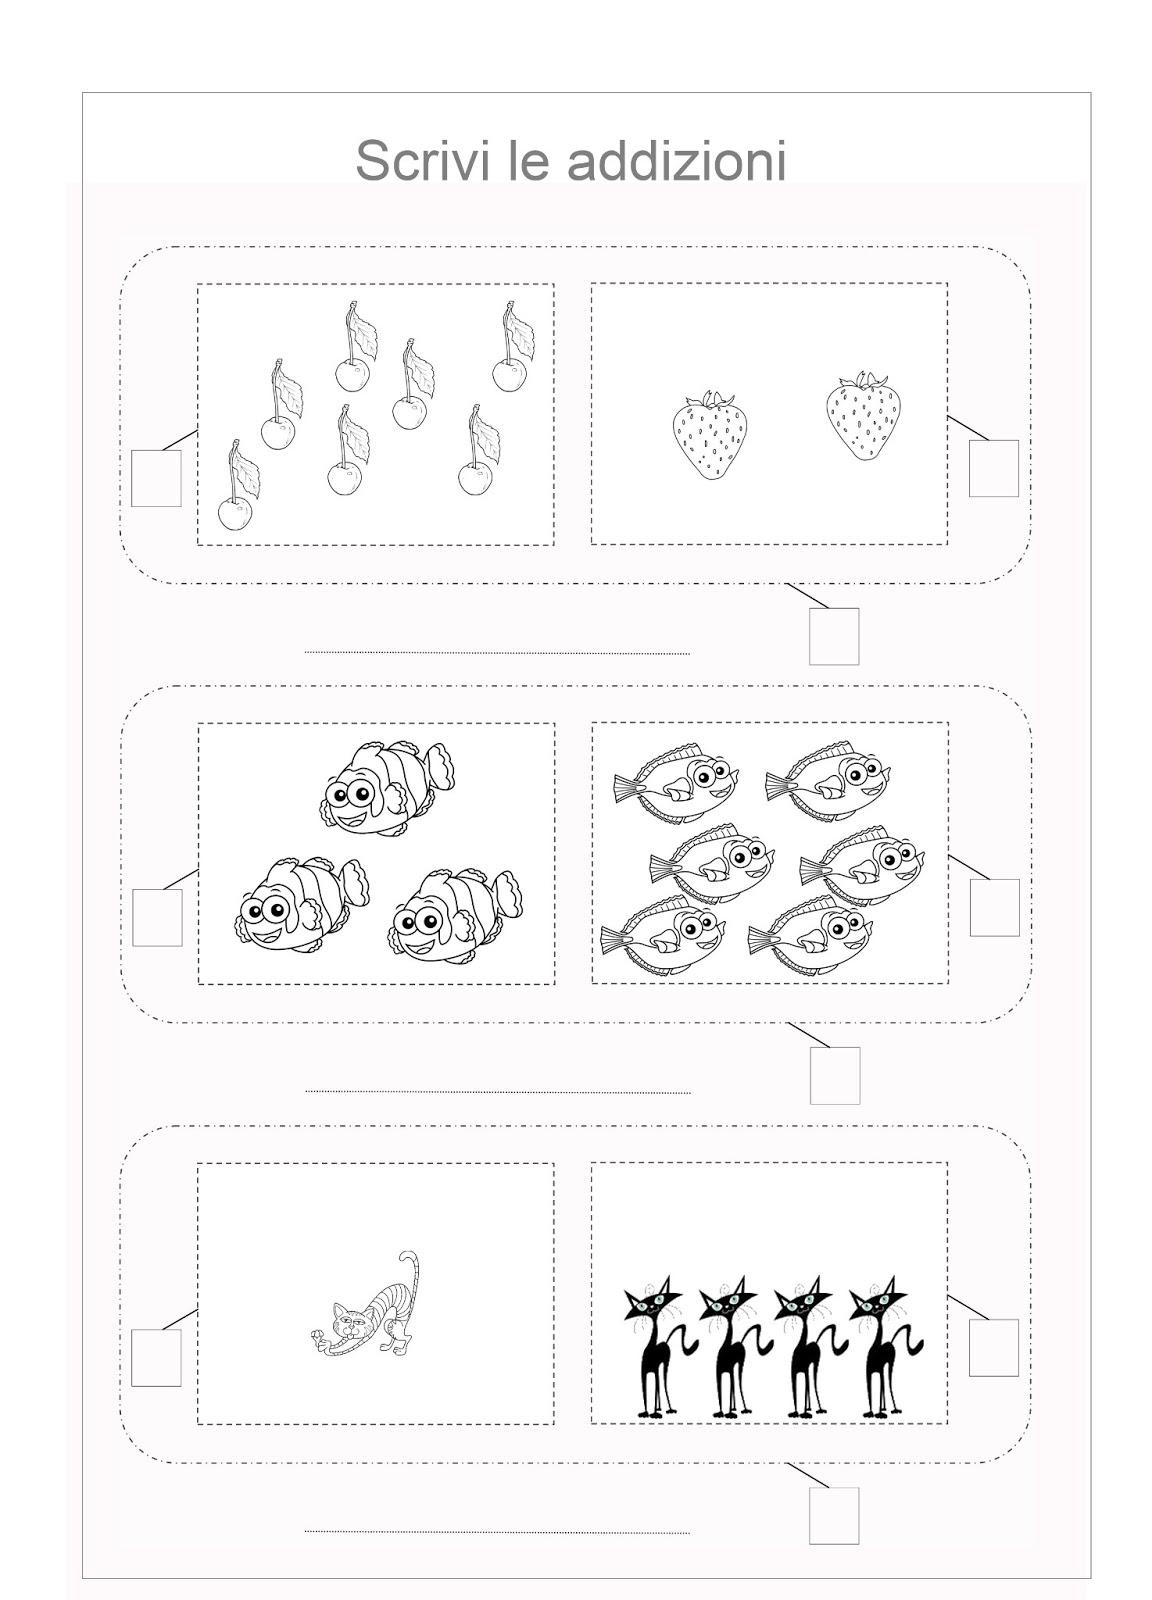 Extrêmement Scuola di pensiero: Schede didattiche: addizioni per la prima  OV67